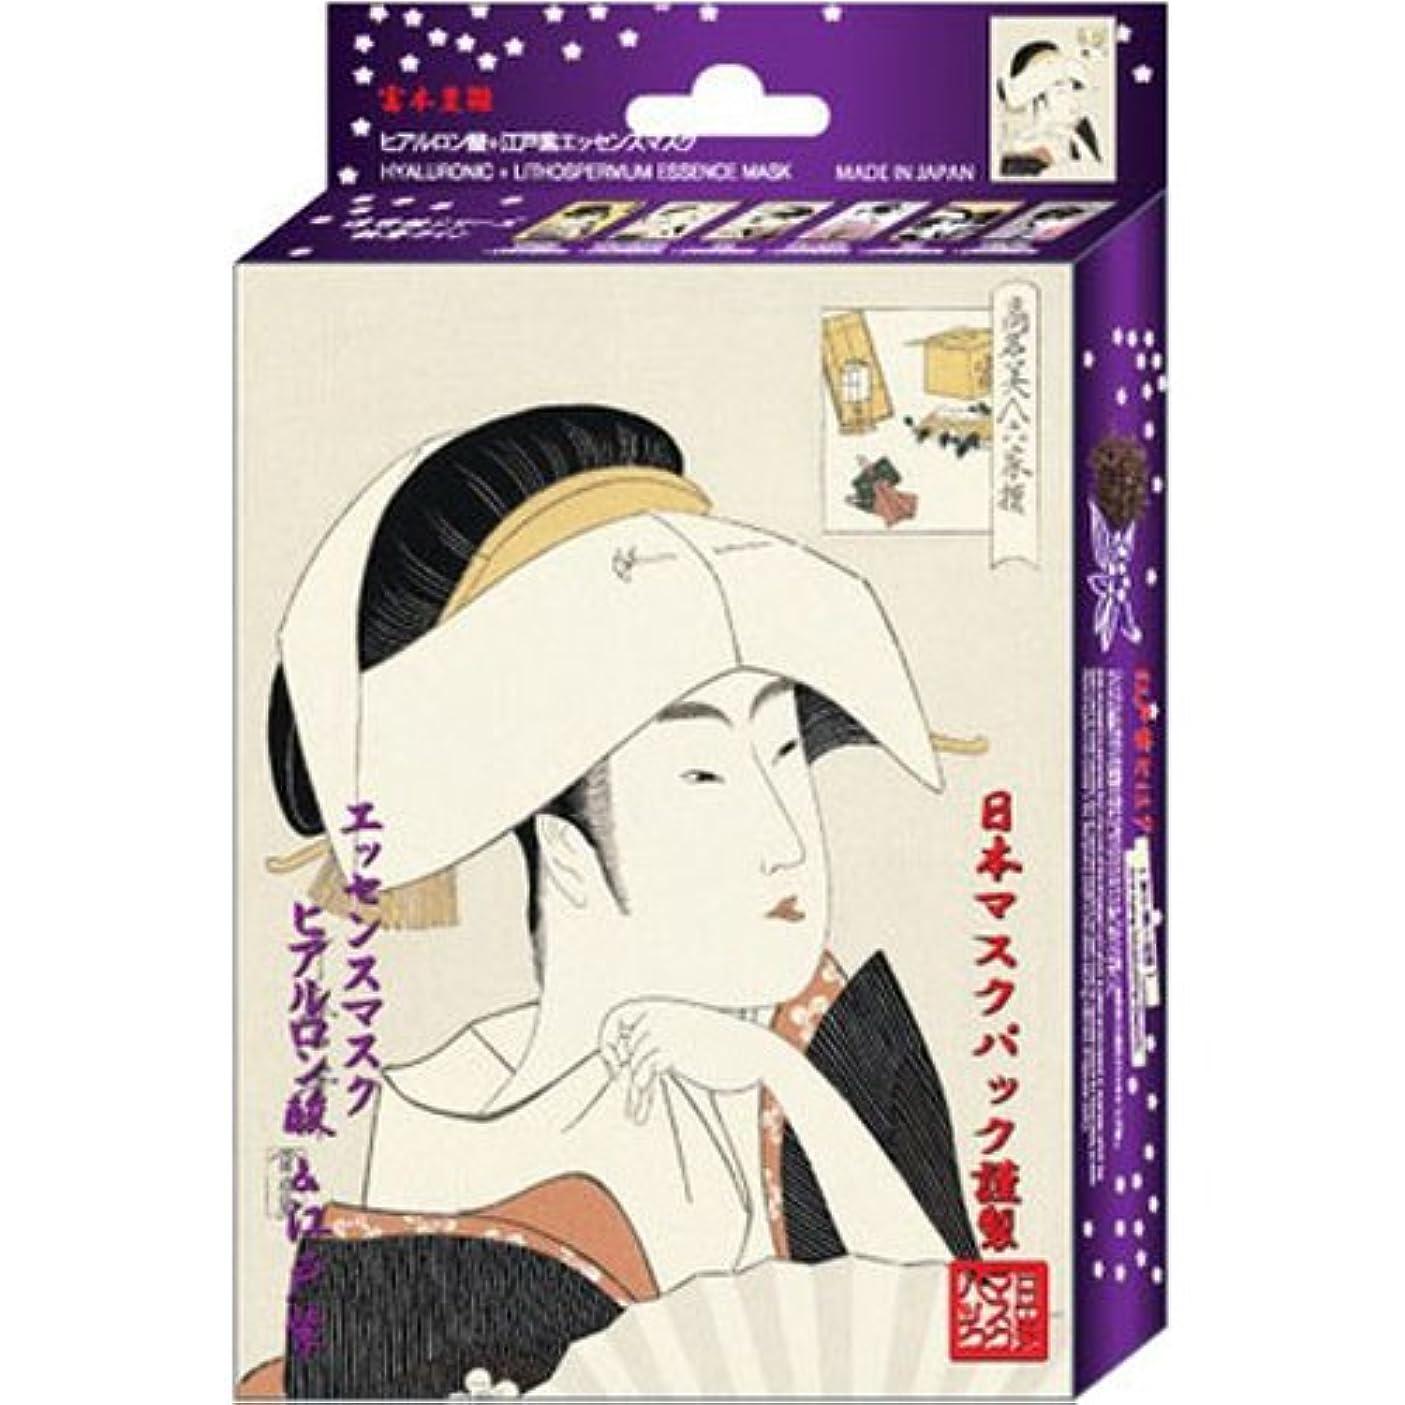 弾薬平方安いです浮世絵シリーズ 歌麿ライン エッセンスマスク ヒアルロン酸+江戸紫 (10枚入)